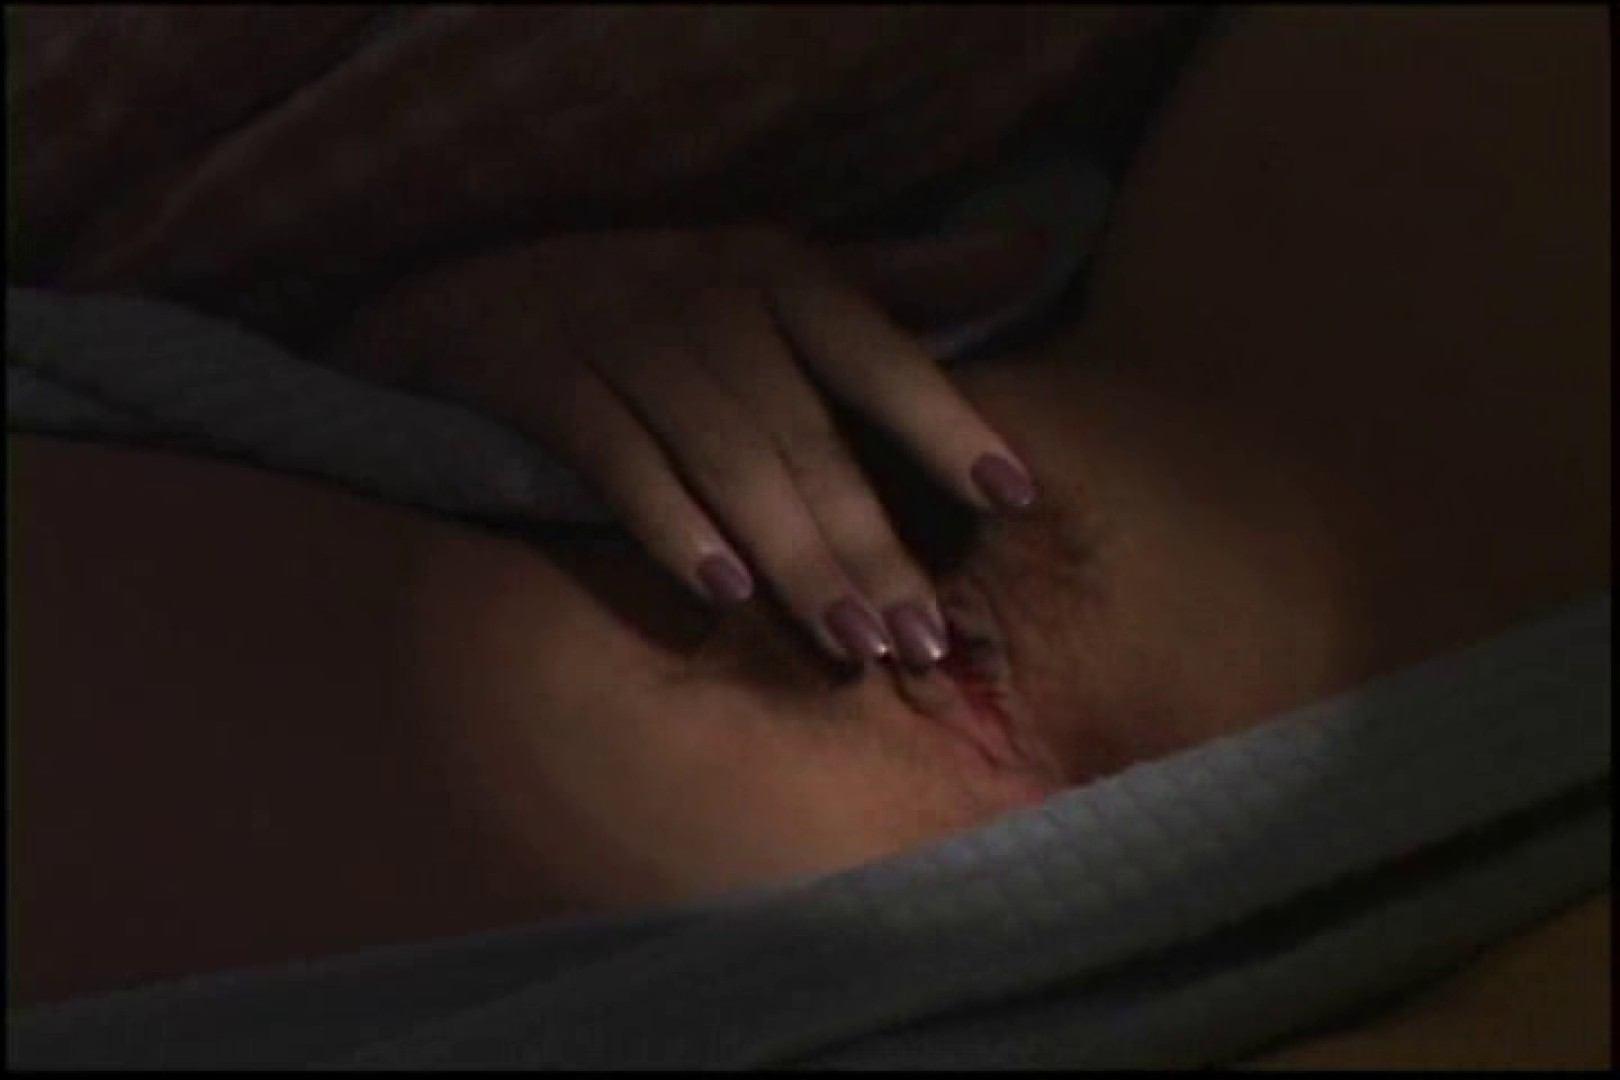 間違いなく性に飢えてる奥様 西島れい 熟女のエッチ われめAV動画紹介 113pic 77